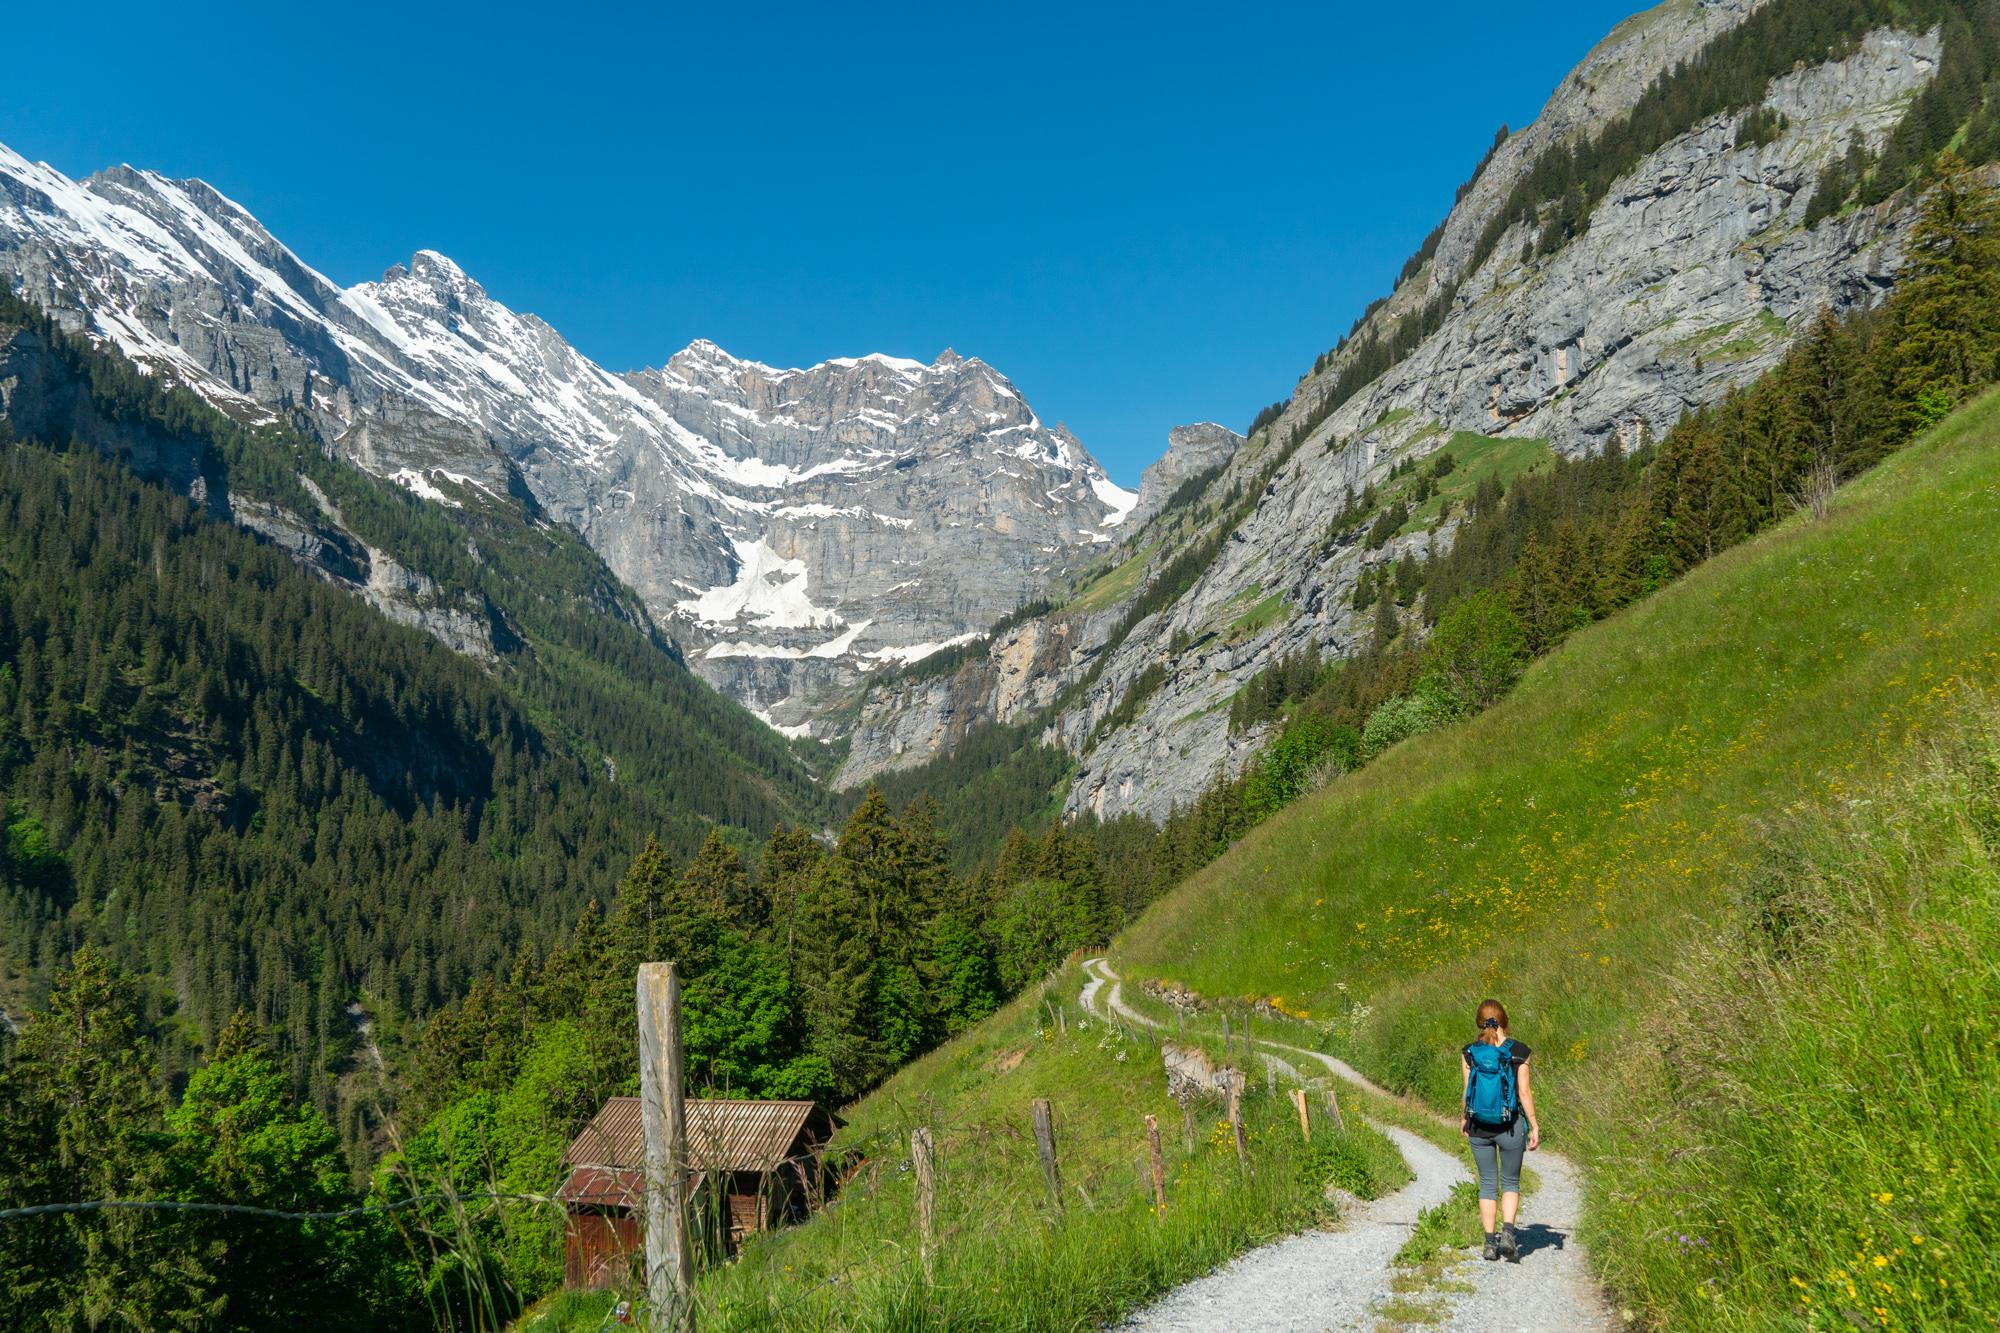 Kävelemässä vuorilla lähellä Lauterbrunnenia